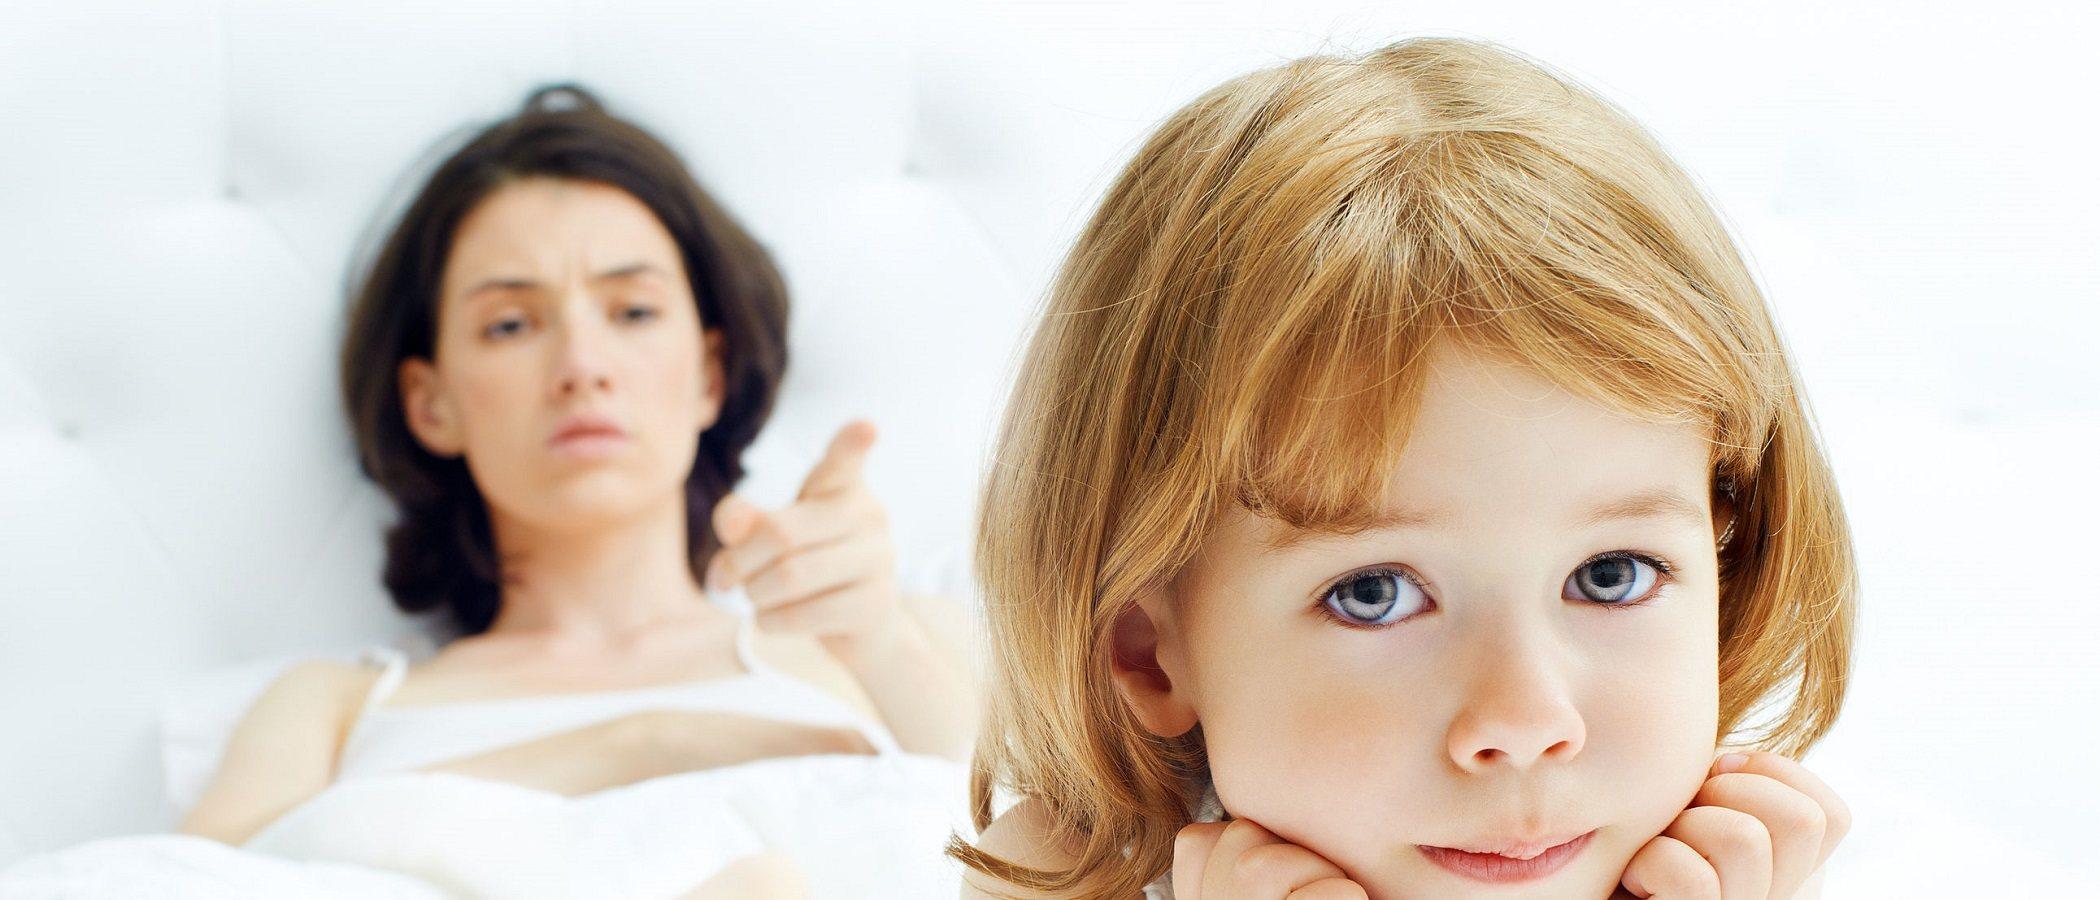 Niños que no muestran respeto por las cosas propias y ajenas